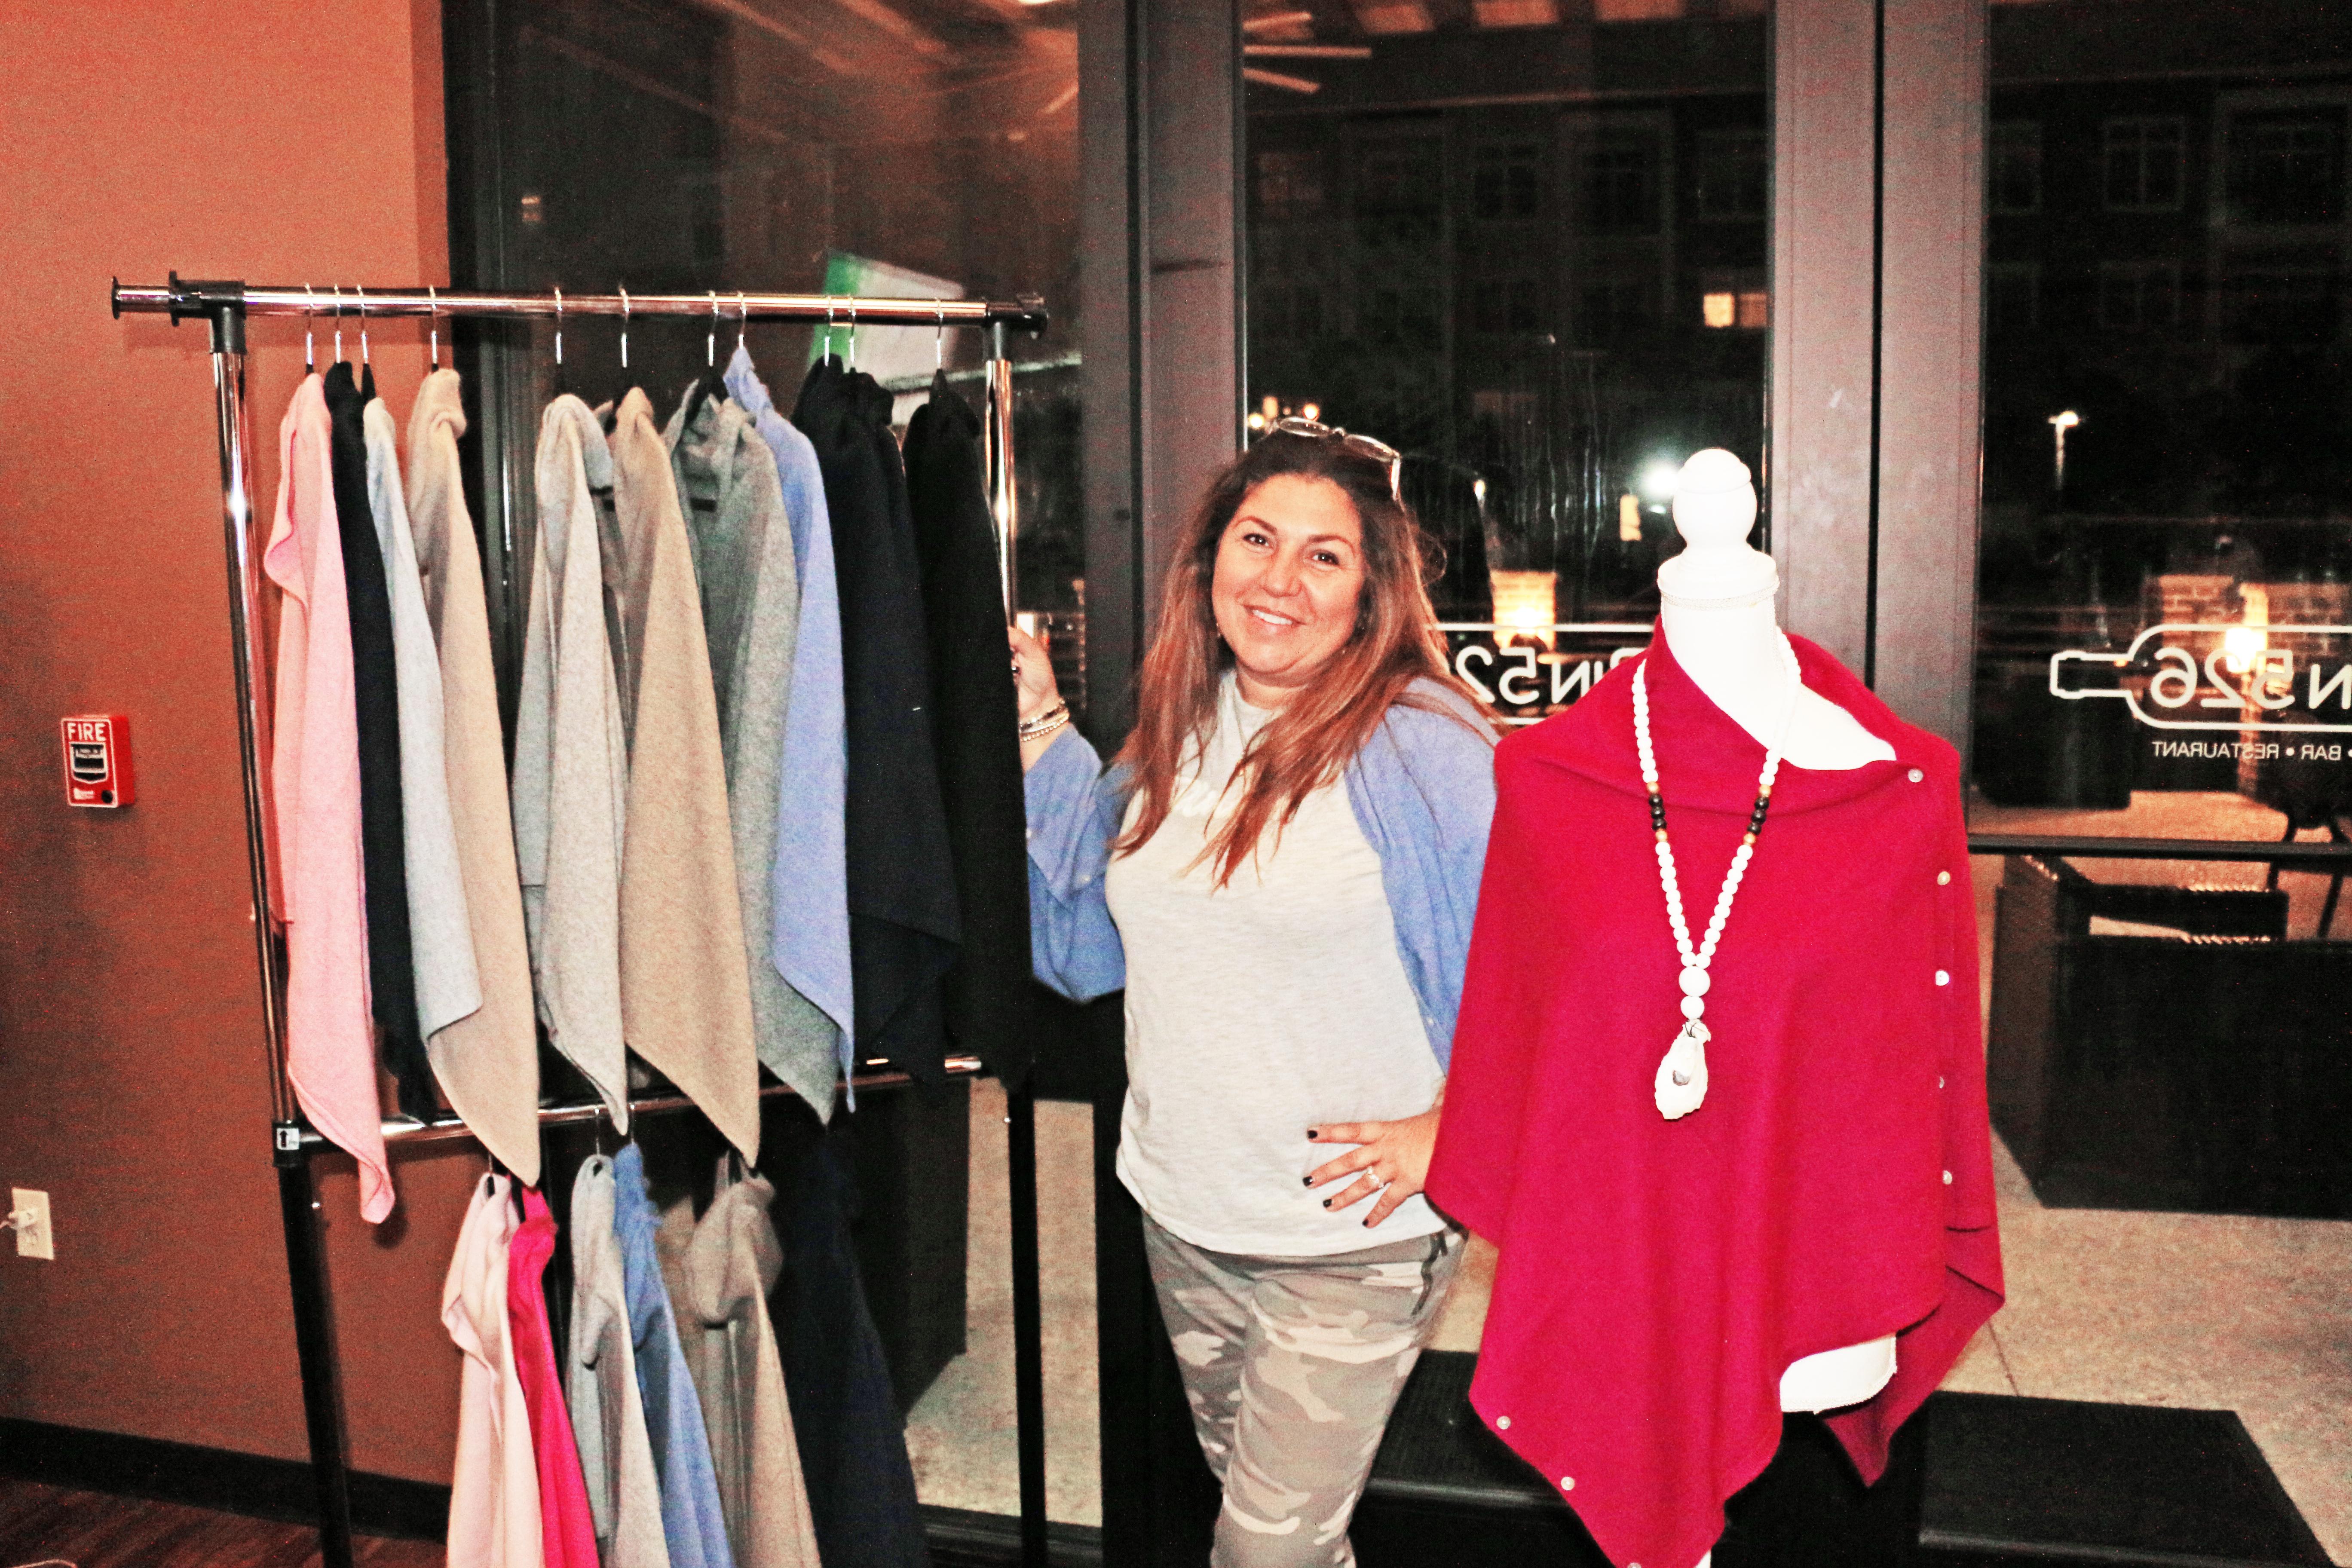 Elli Javaheri, owner of wear it & wander, was one of several vendors who participated in Sip & Shop at BIN 526 last week.